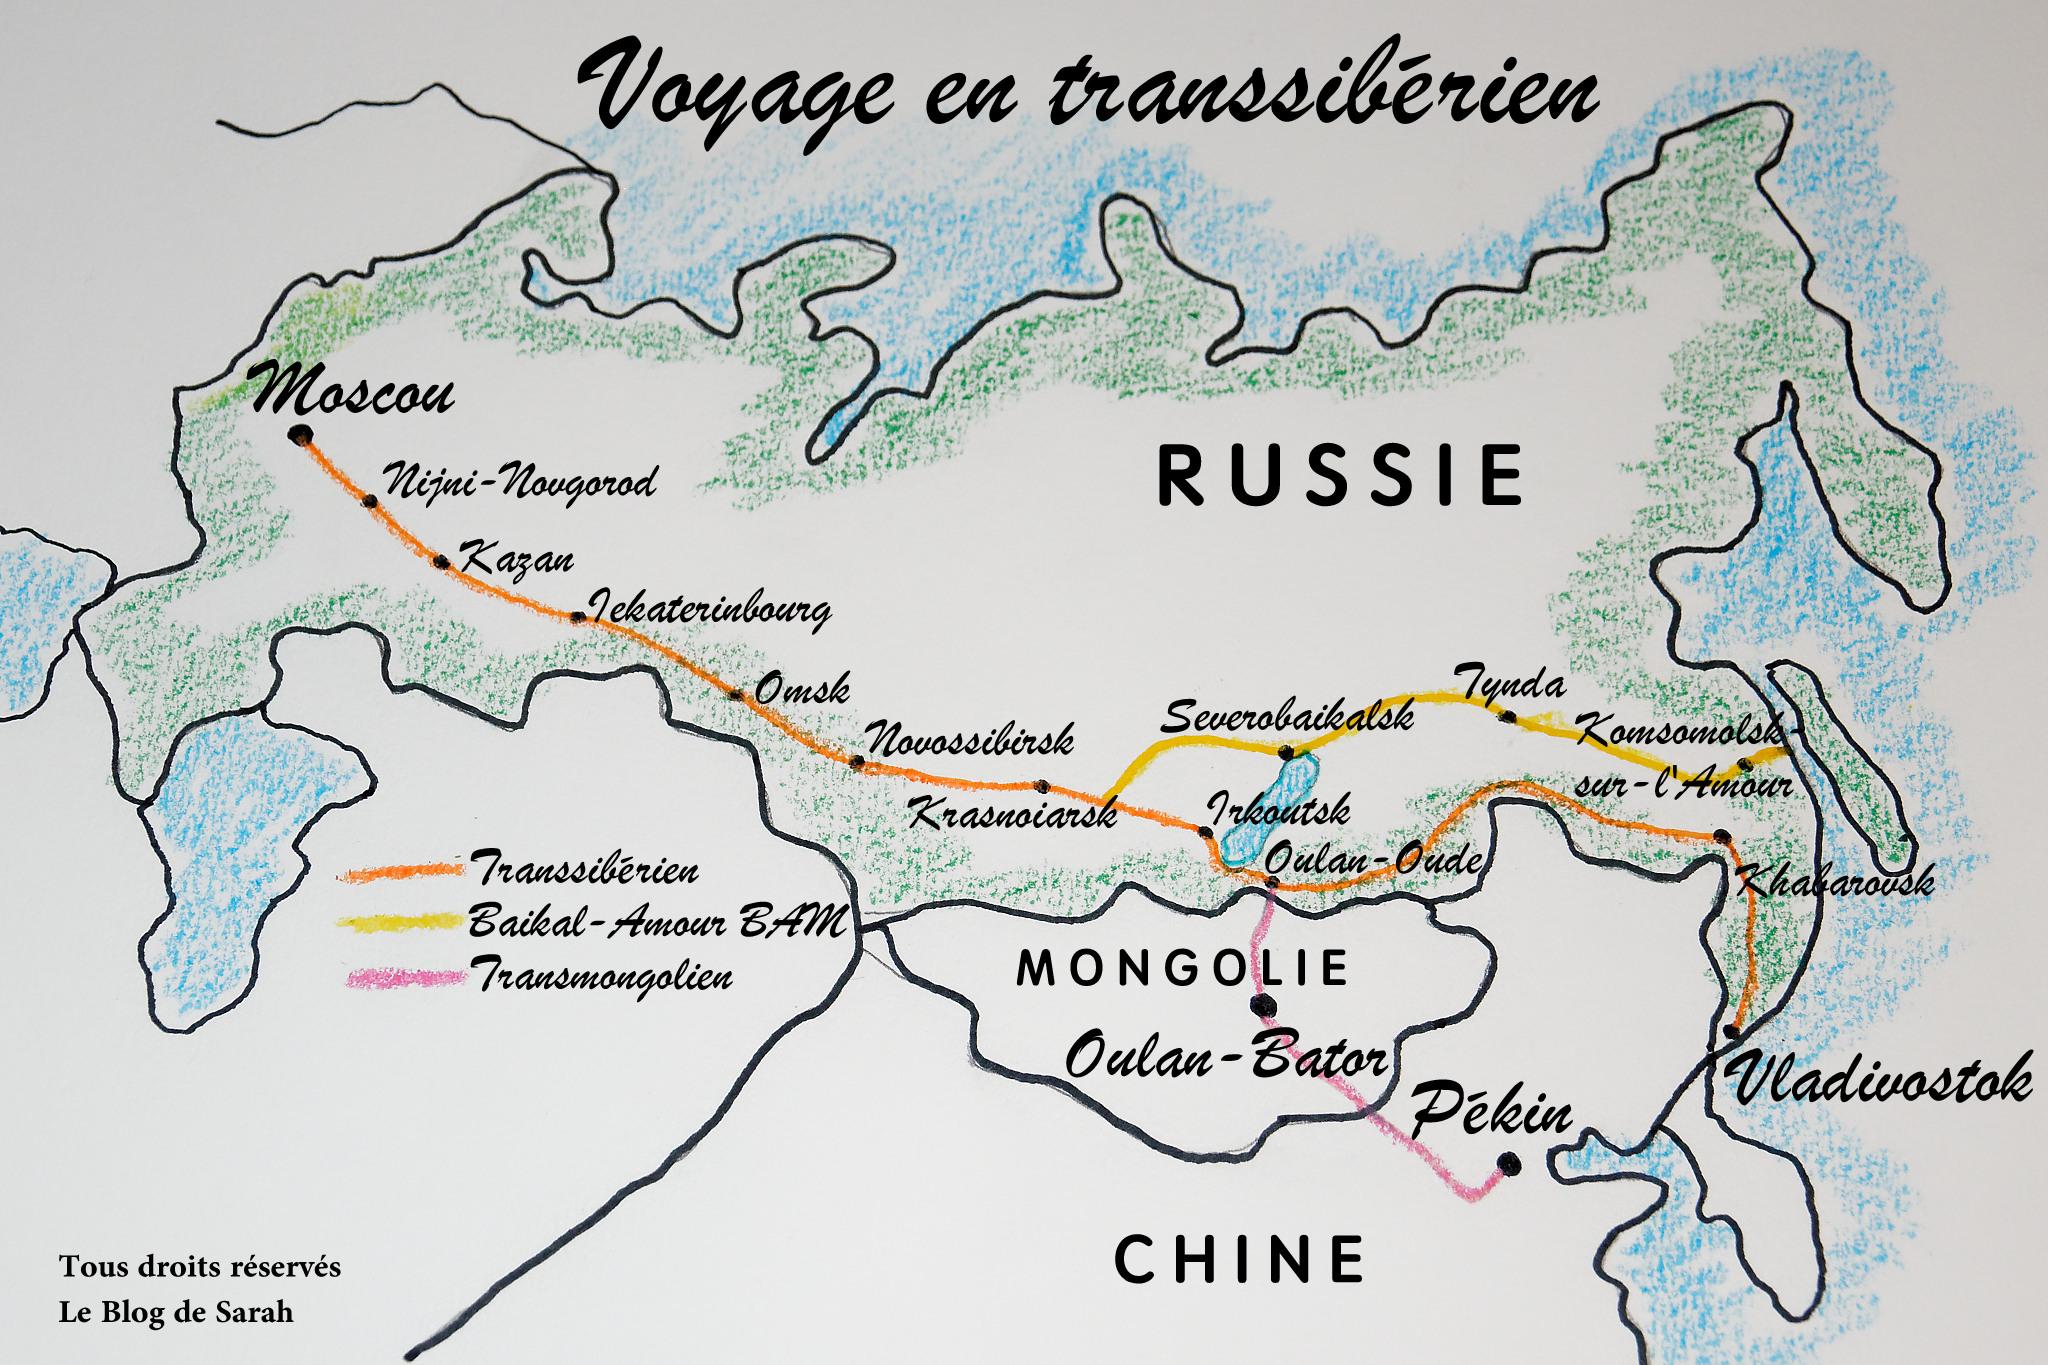 Voyage en transsibérien: le guide complet